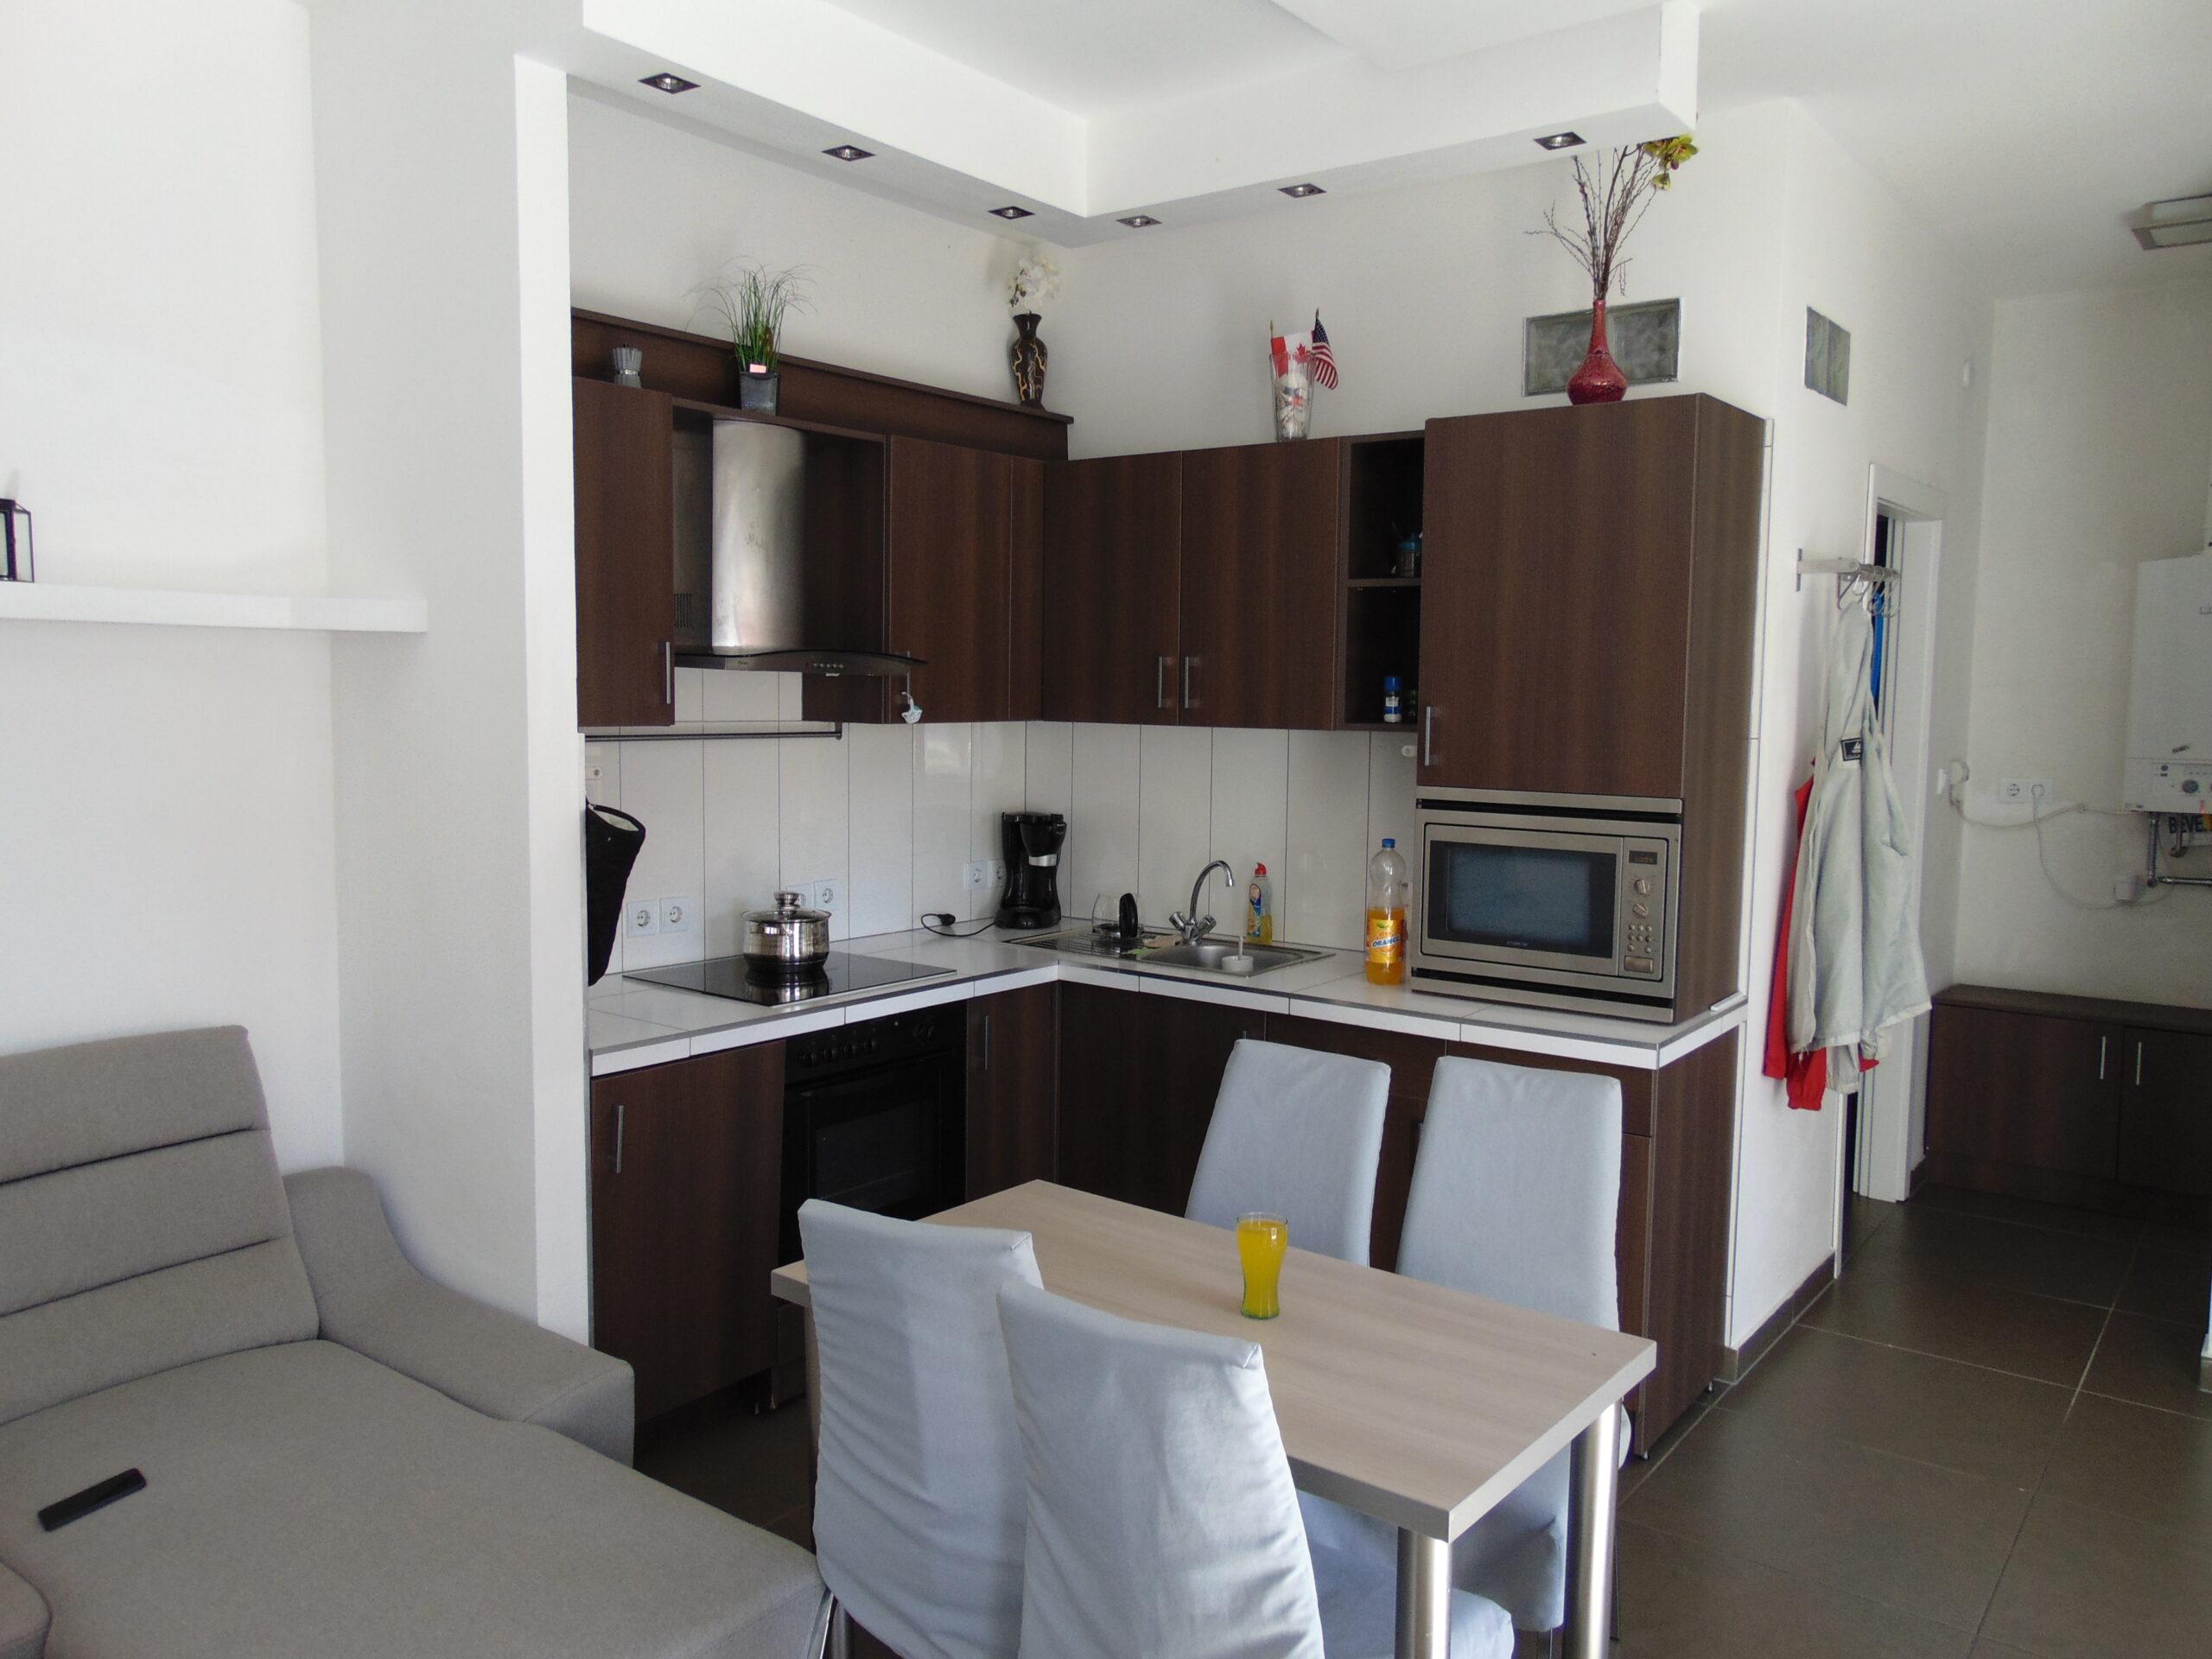 Eladó 2 szobás lakóház Kecskemét Rákóczi utca!